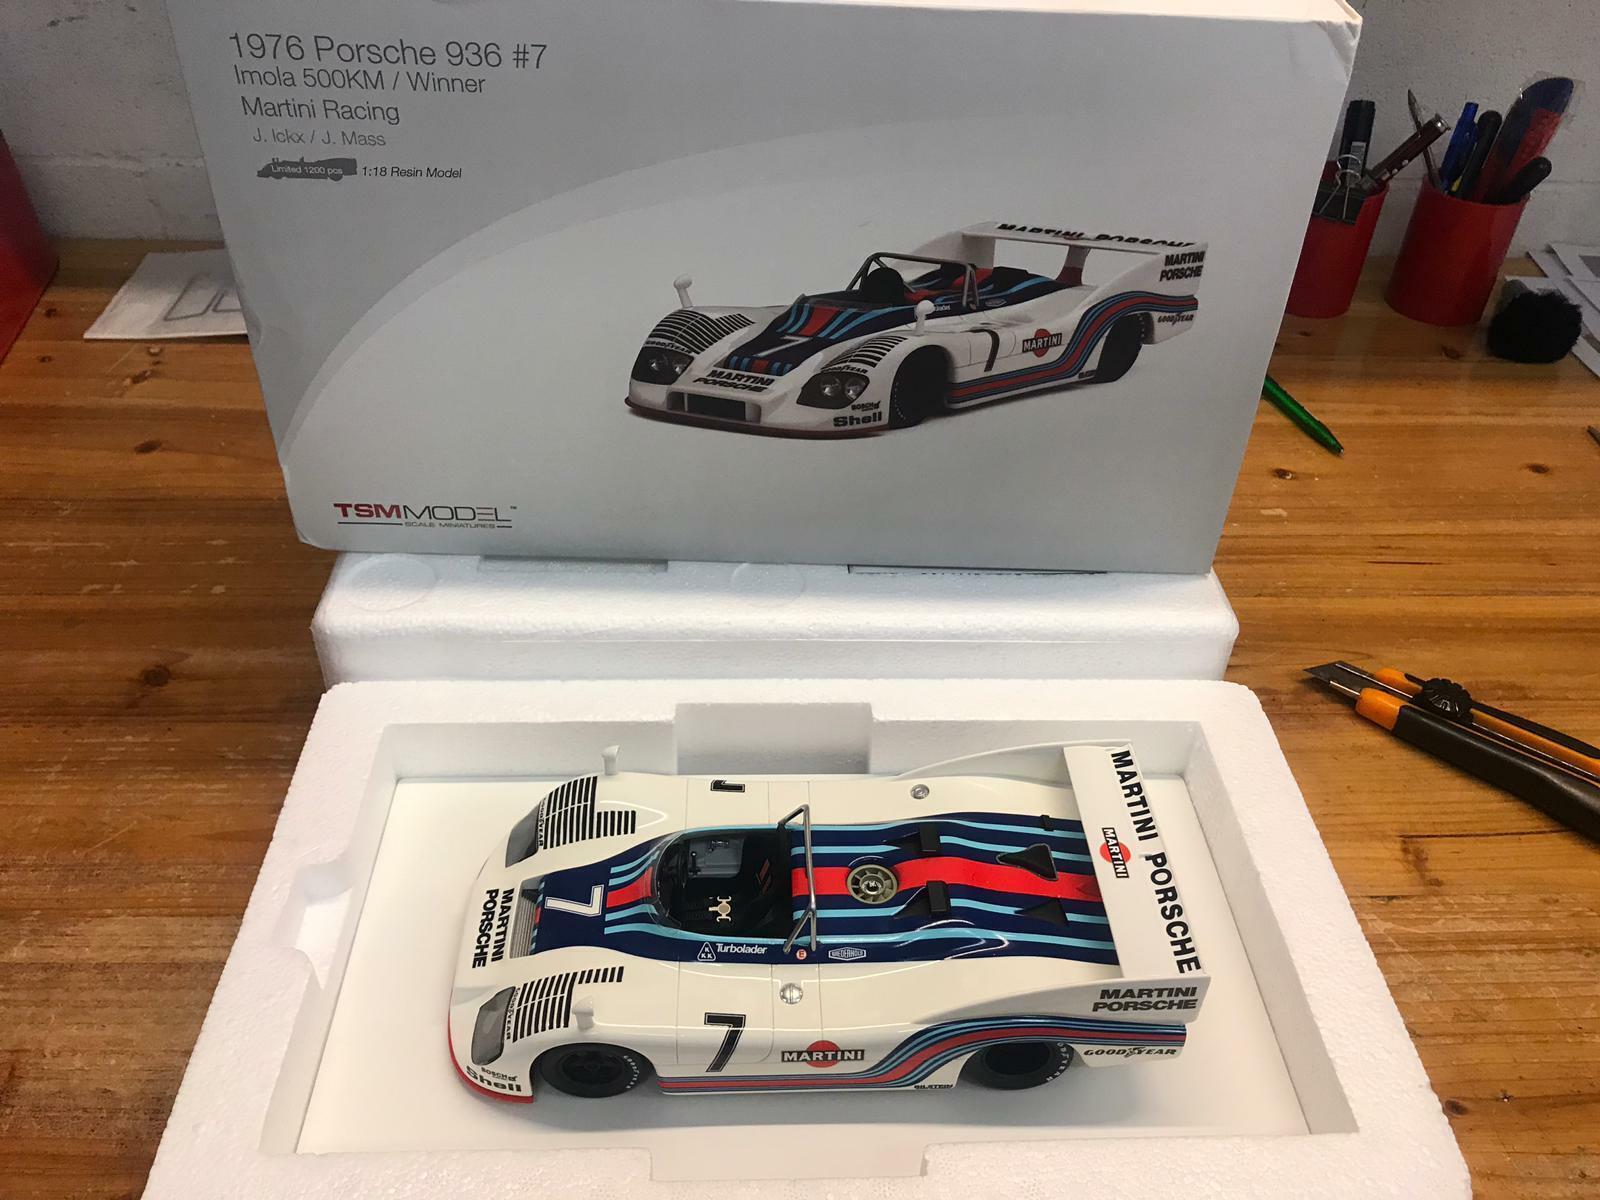 TSM True Scale Porsche 936 76 Martini  7 Imola 500km winner 1976 1 18